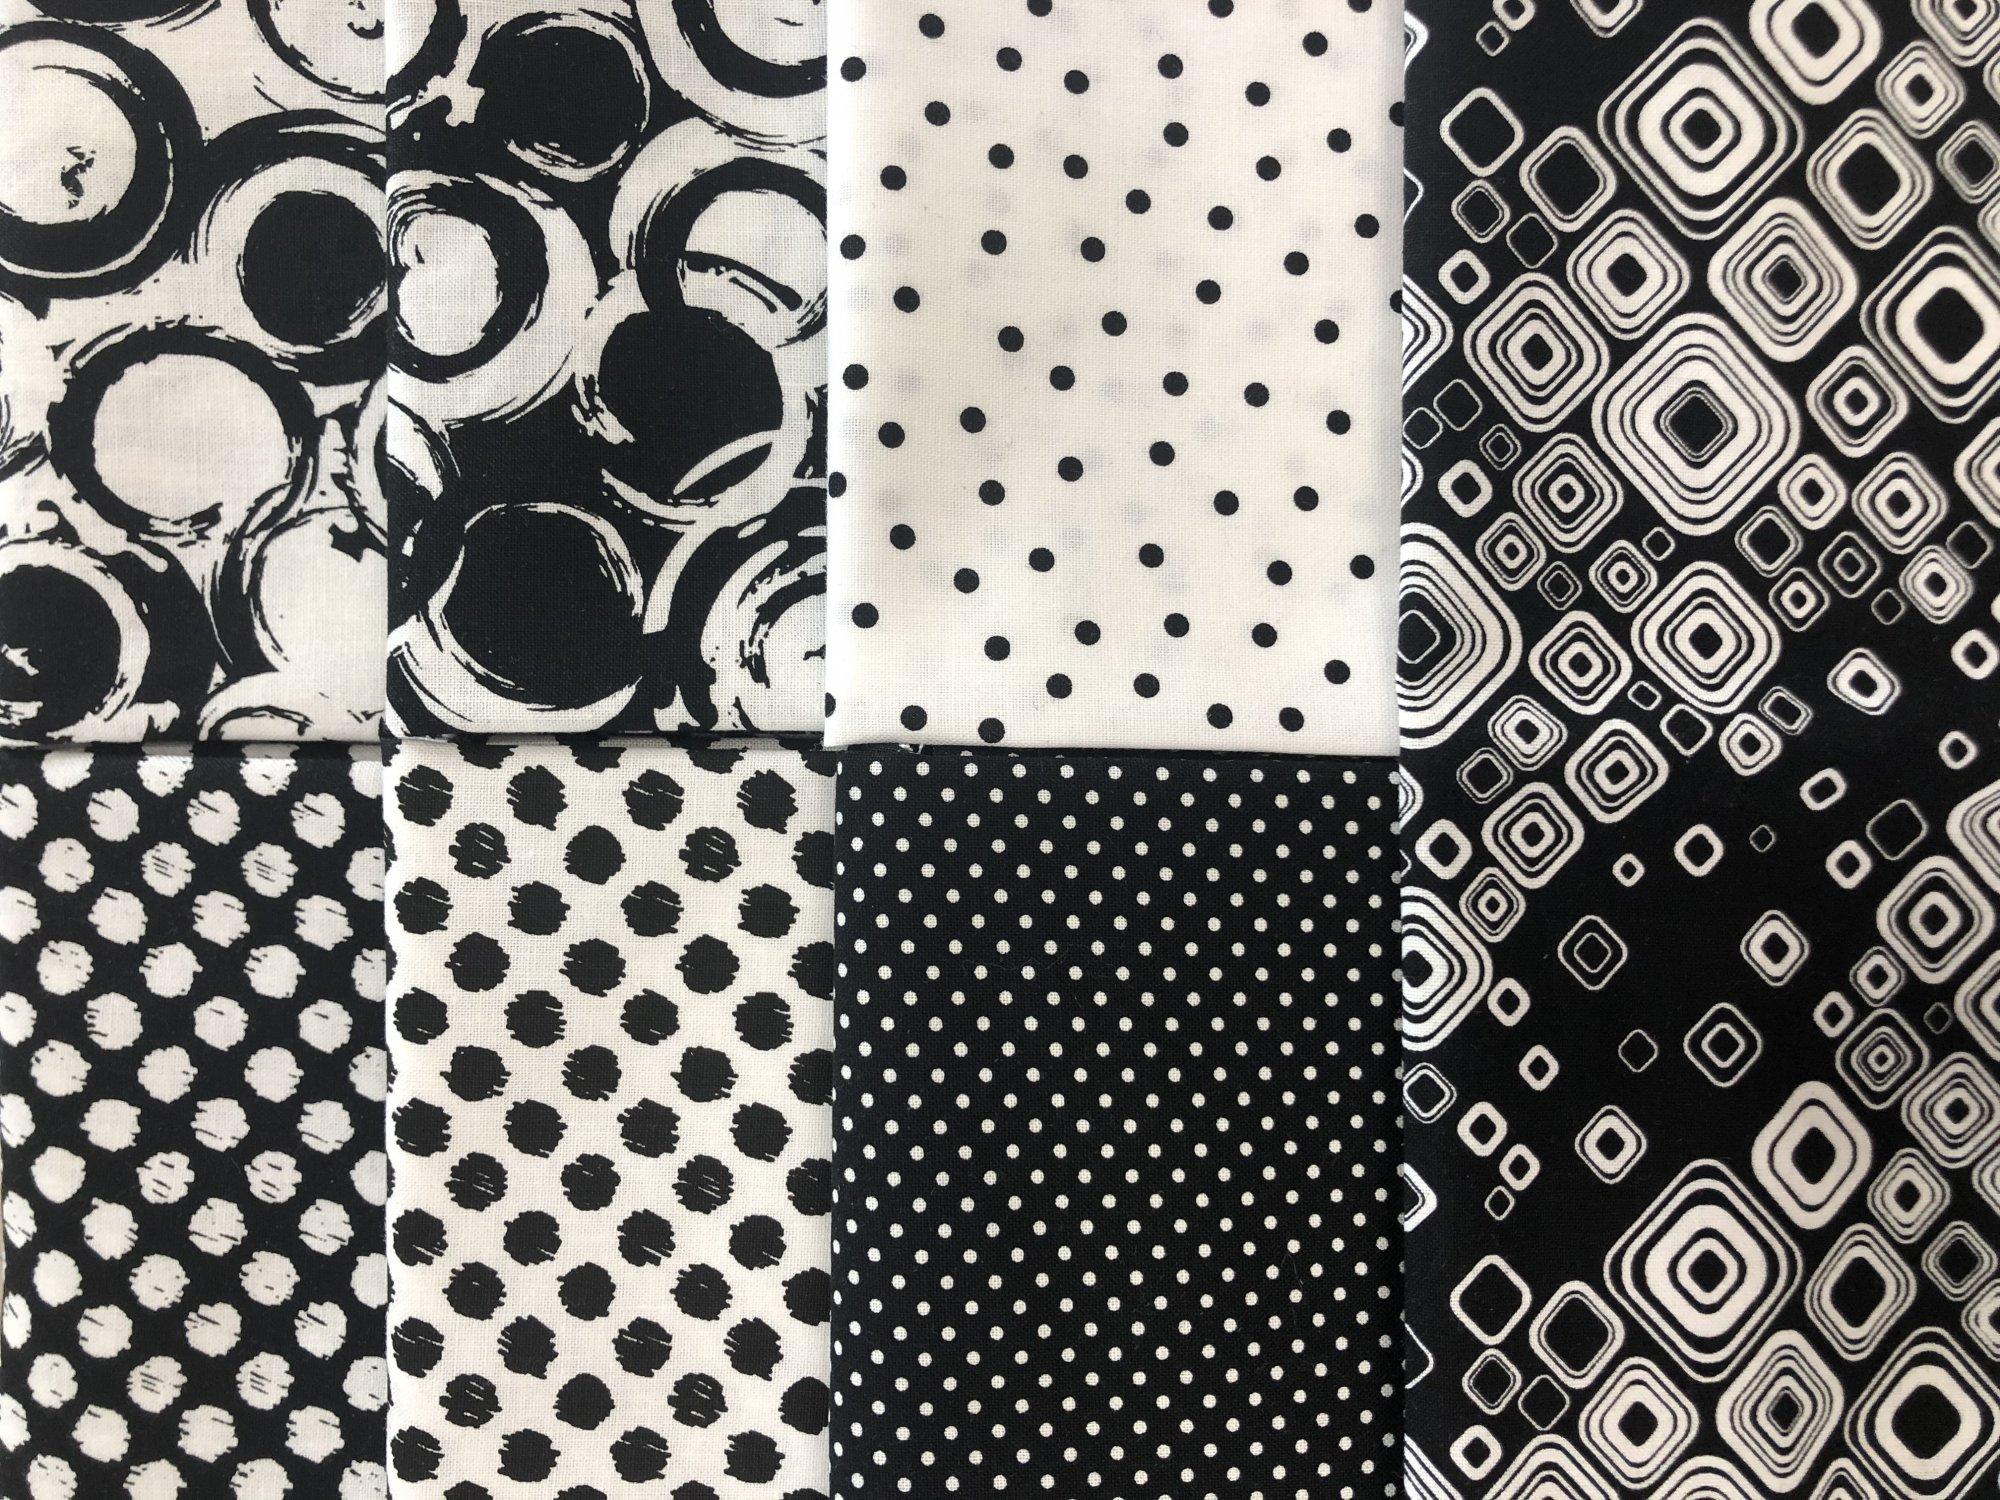 Black & White Circles & Dots - Fat 1/4 Bundle 7pc